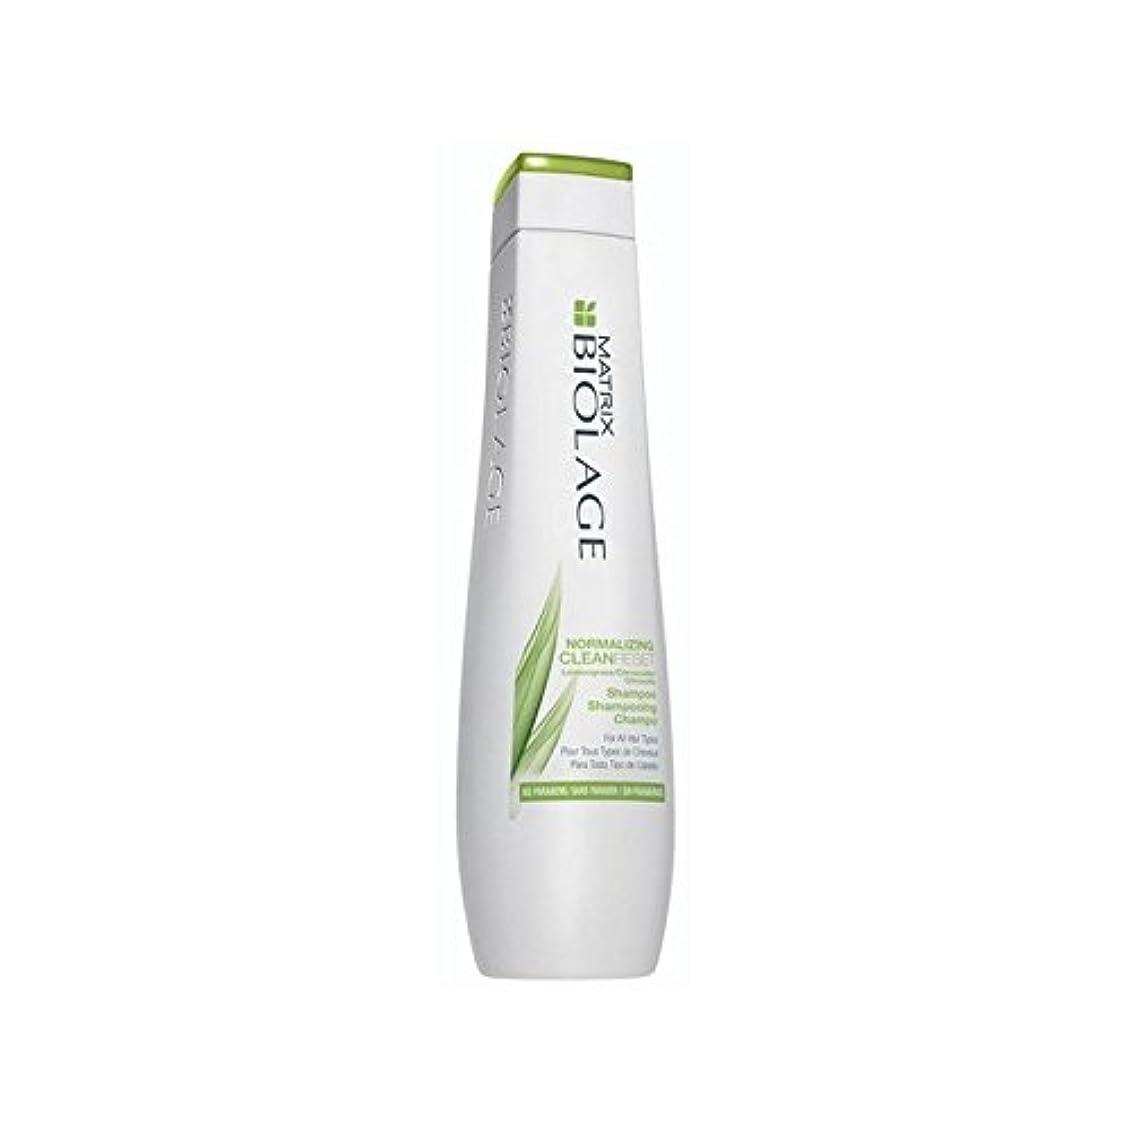 マトリックスバイオレイジ頭皮正規化シャンプー(250ミリリットル) x4 - Matrix Biolage Scalptherapie Scalp Normalizing Shampoo (250ml) (Pack of 4) [並行輸入品]